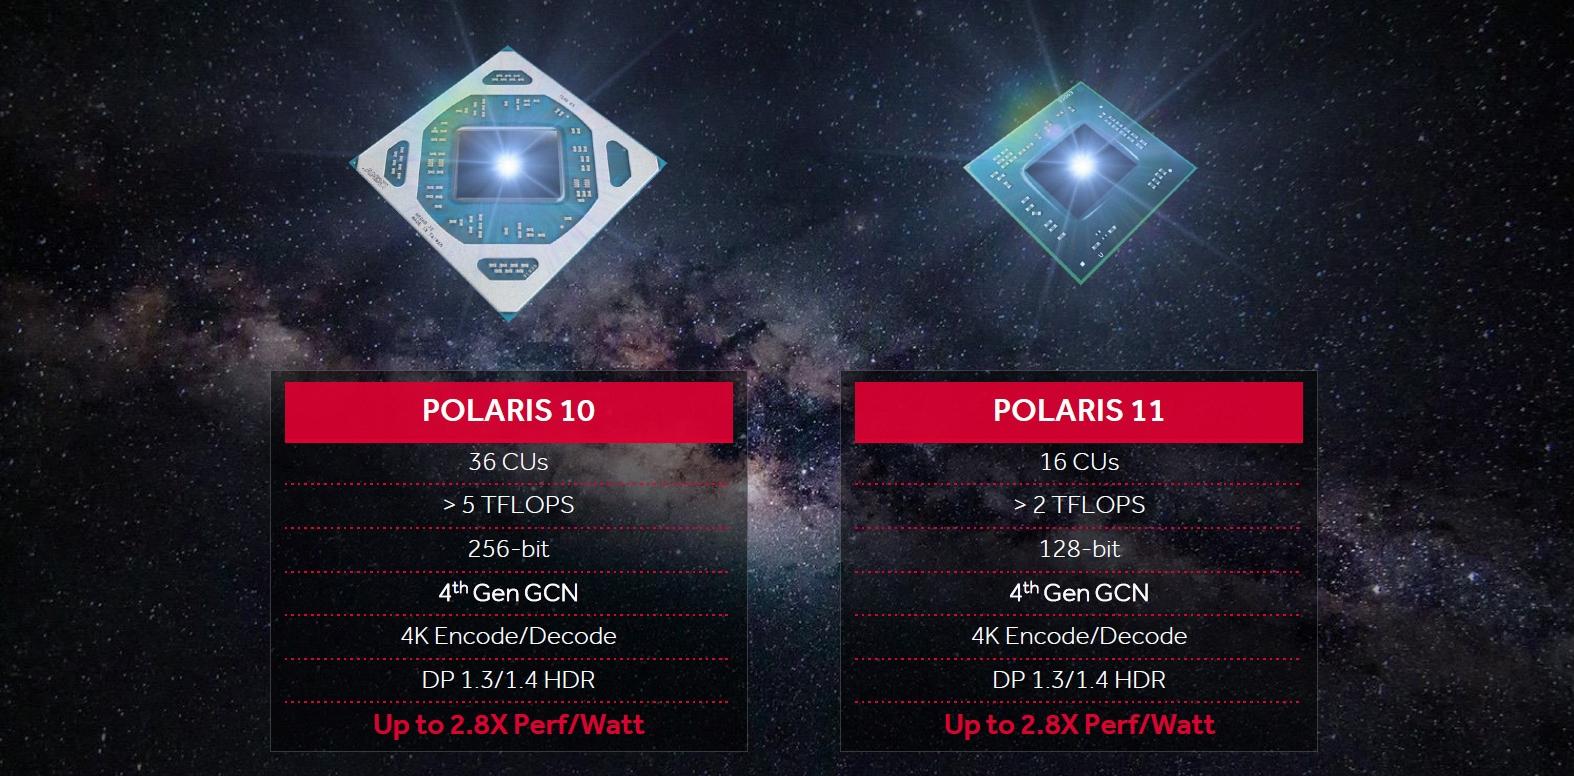 Polaris-Comparison.jpg